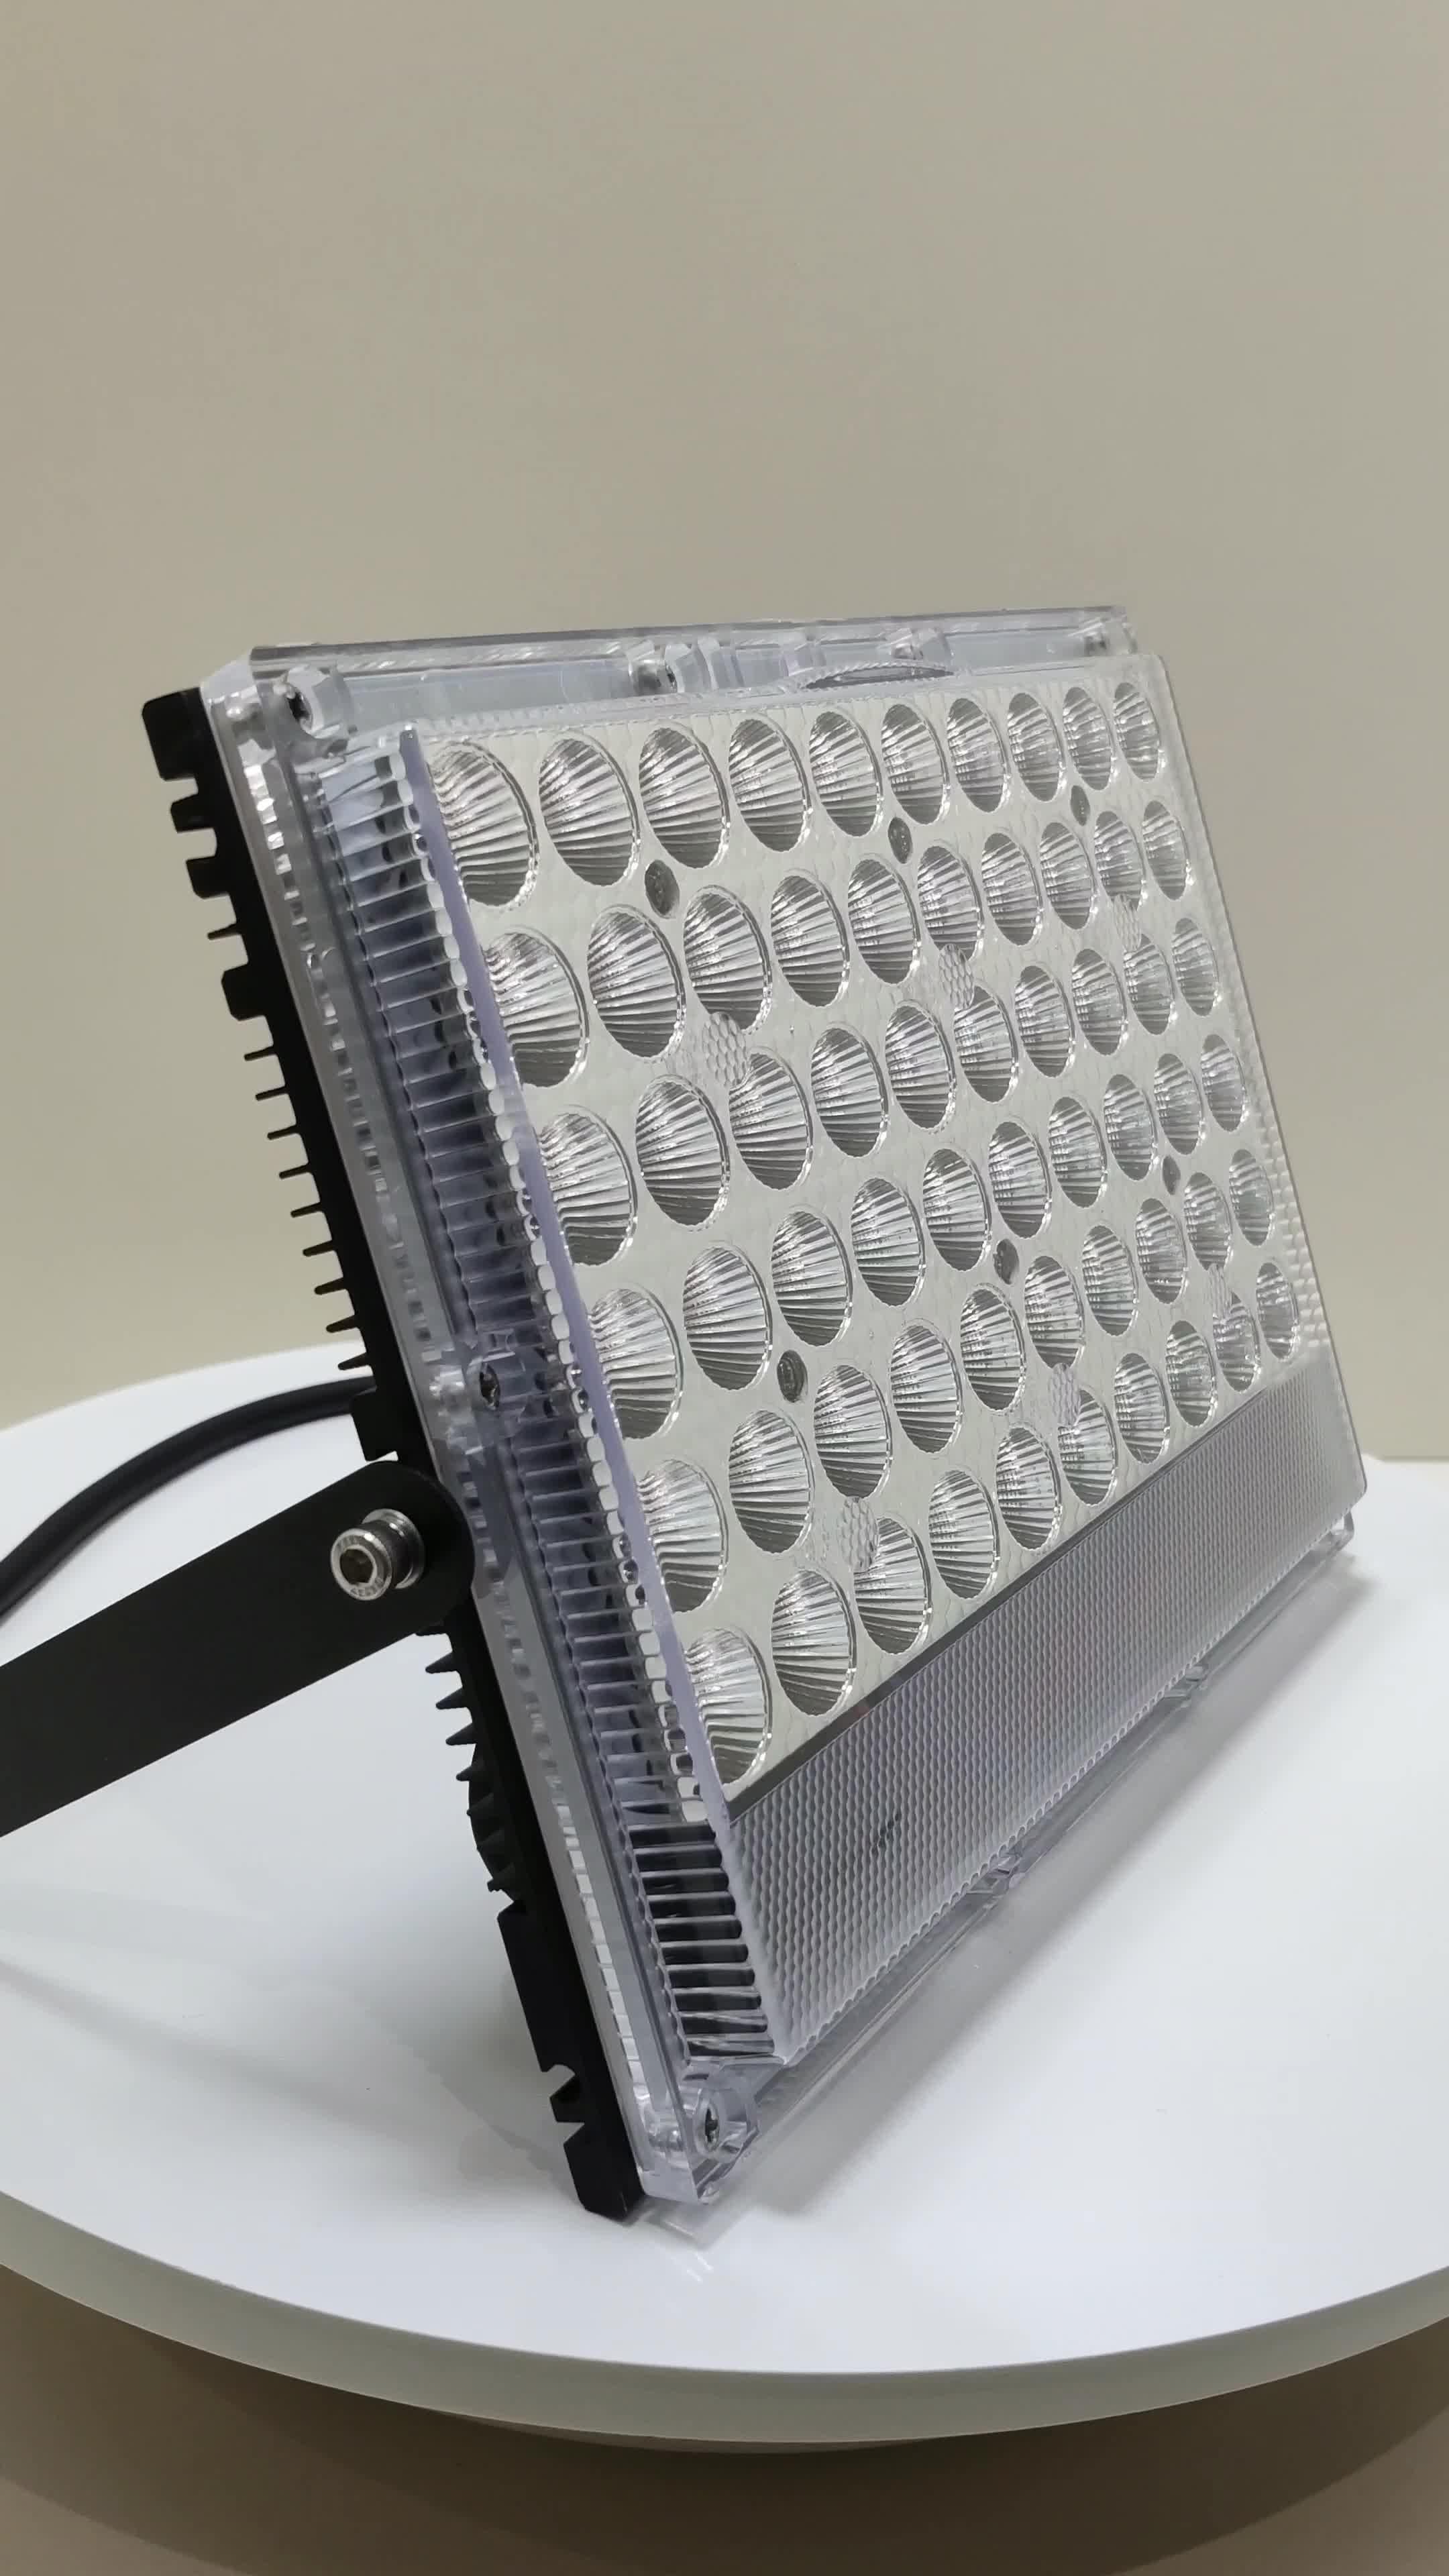 FSSZ klassische design tunnel projektor druckguss aluminium leuchten led flutlicht gehäuse teile für leere/led tunnel licht hou